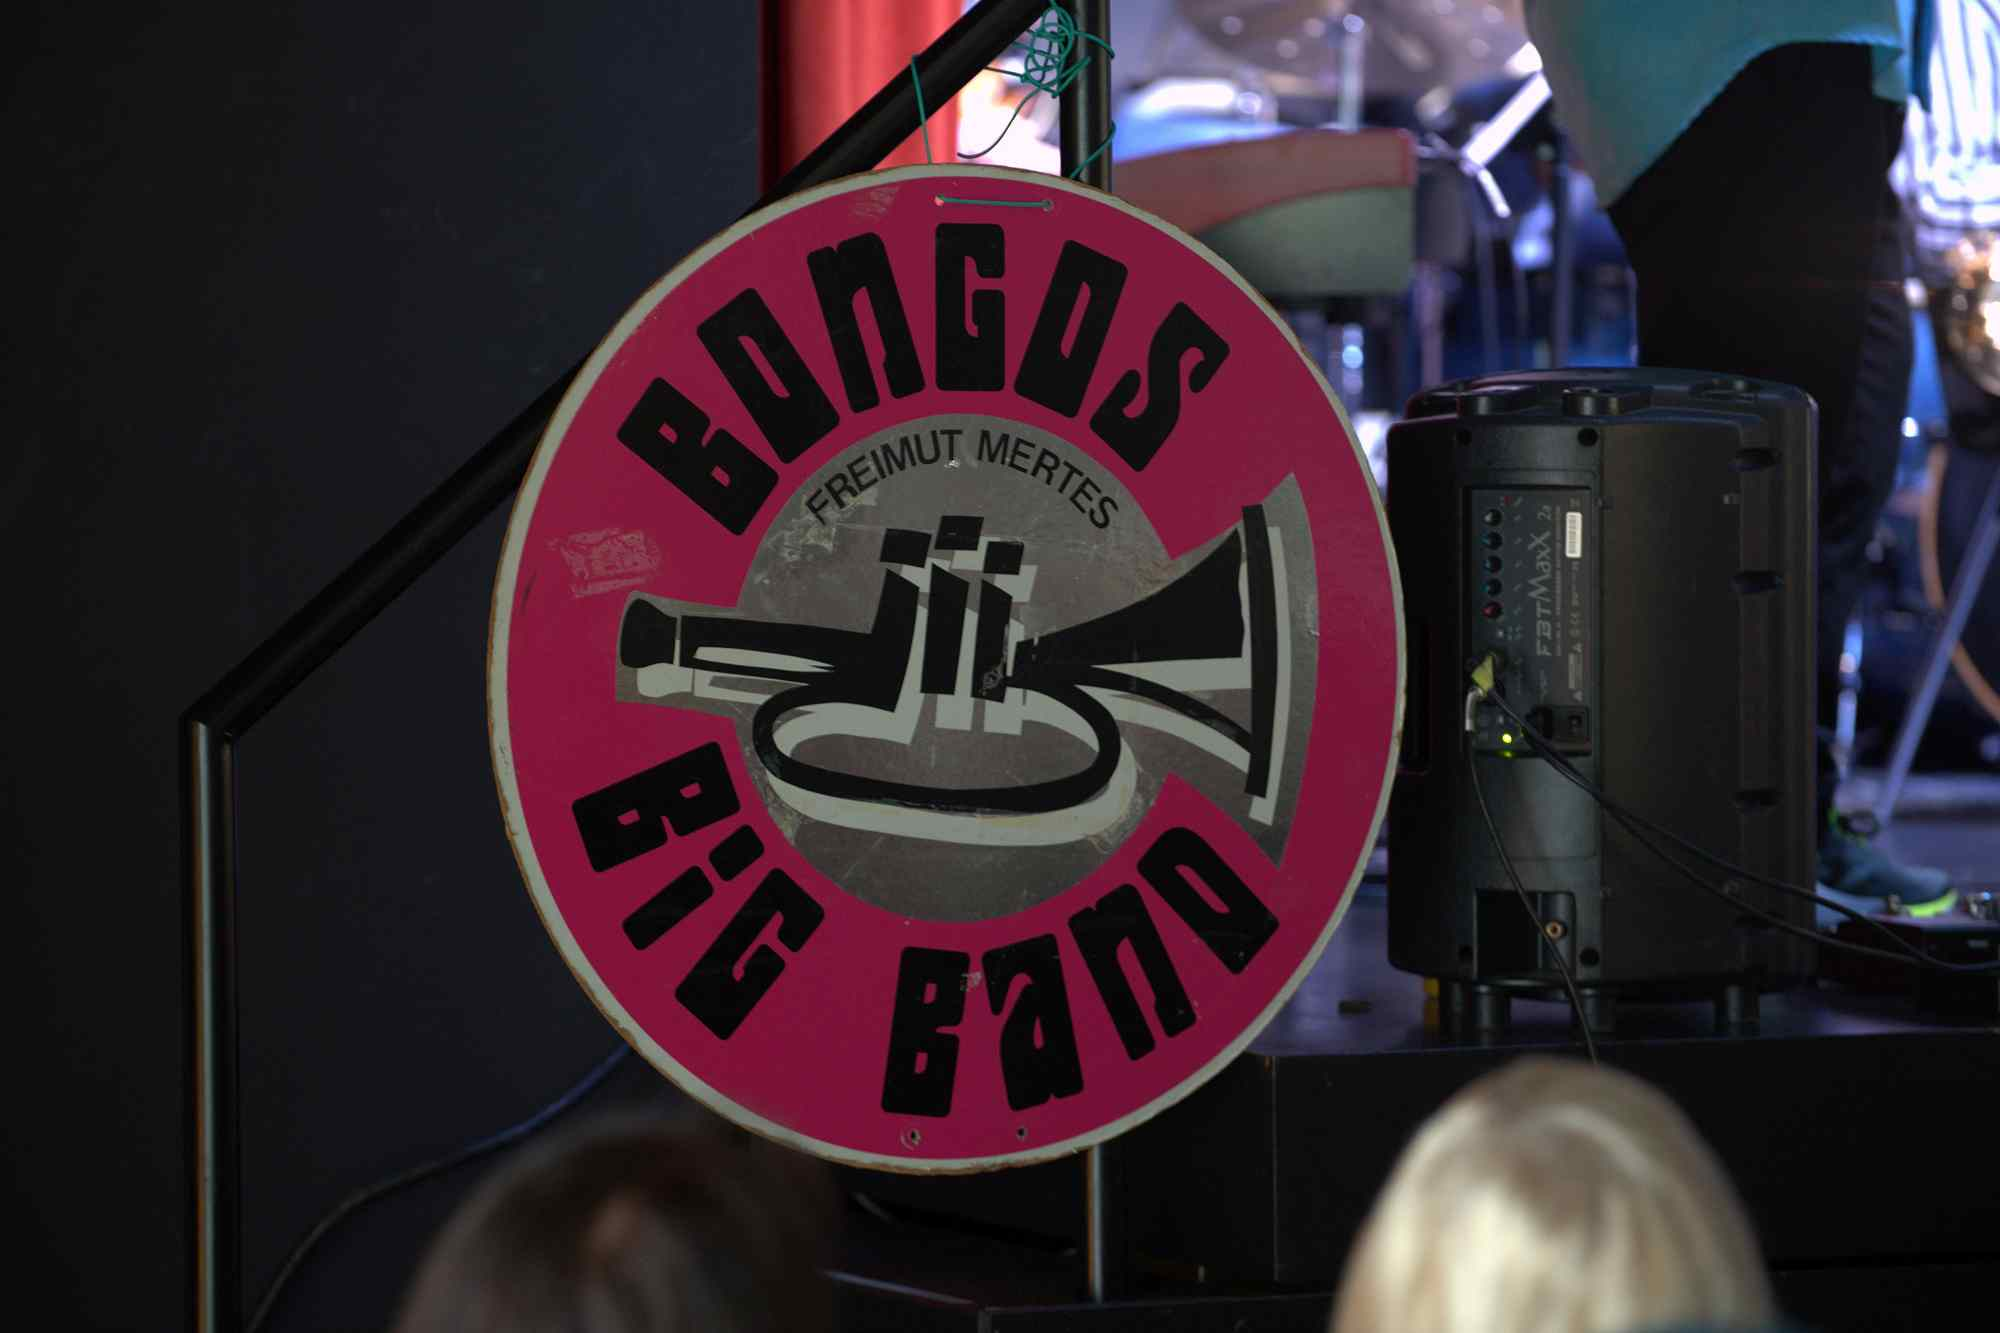 Bongos-Bigband-Konzert_20200301_DSC_2080.NEF_